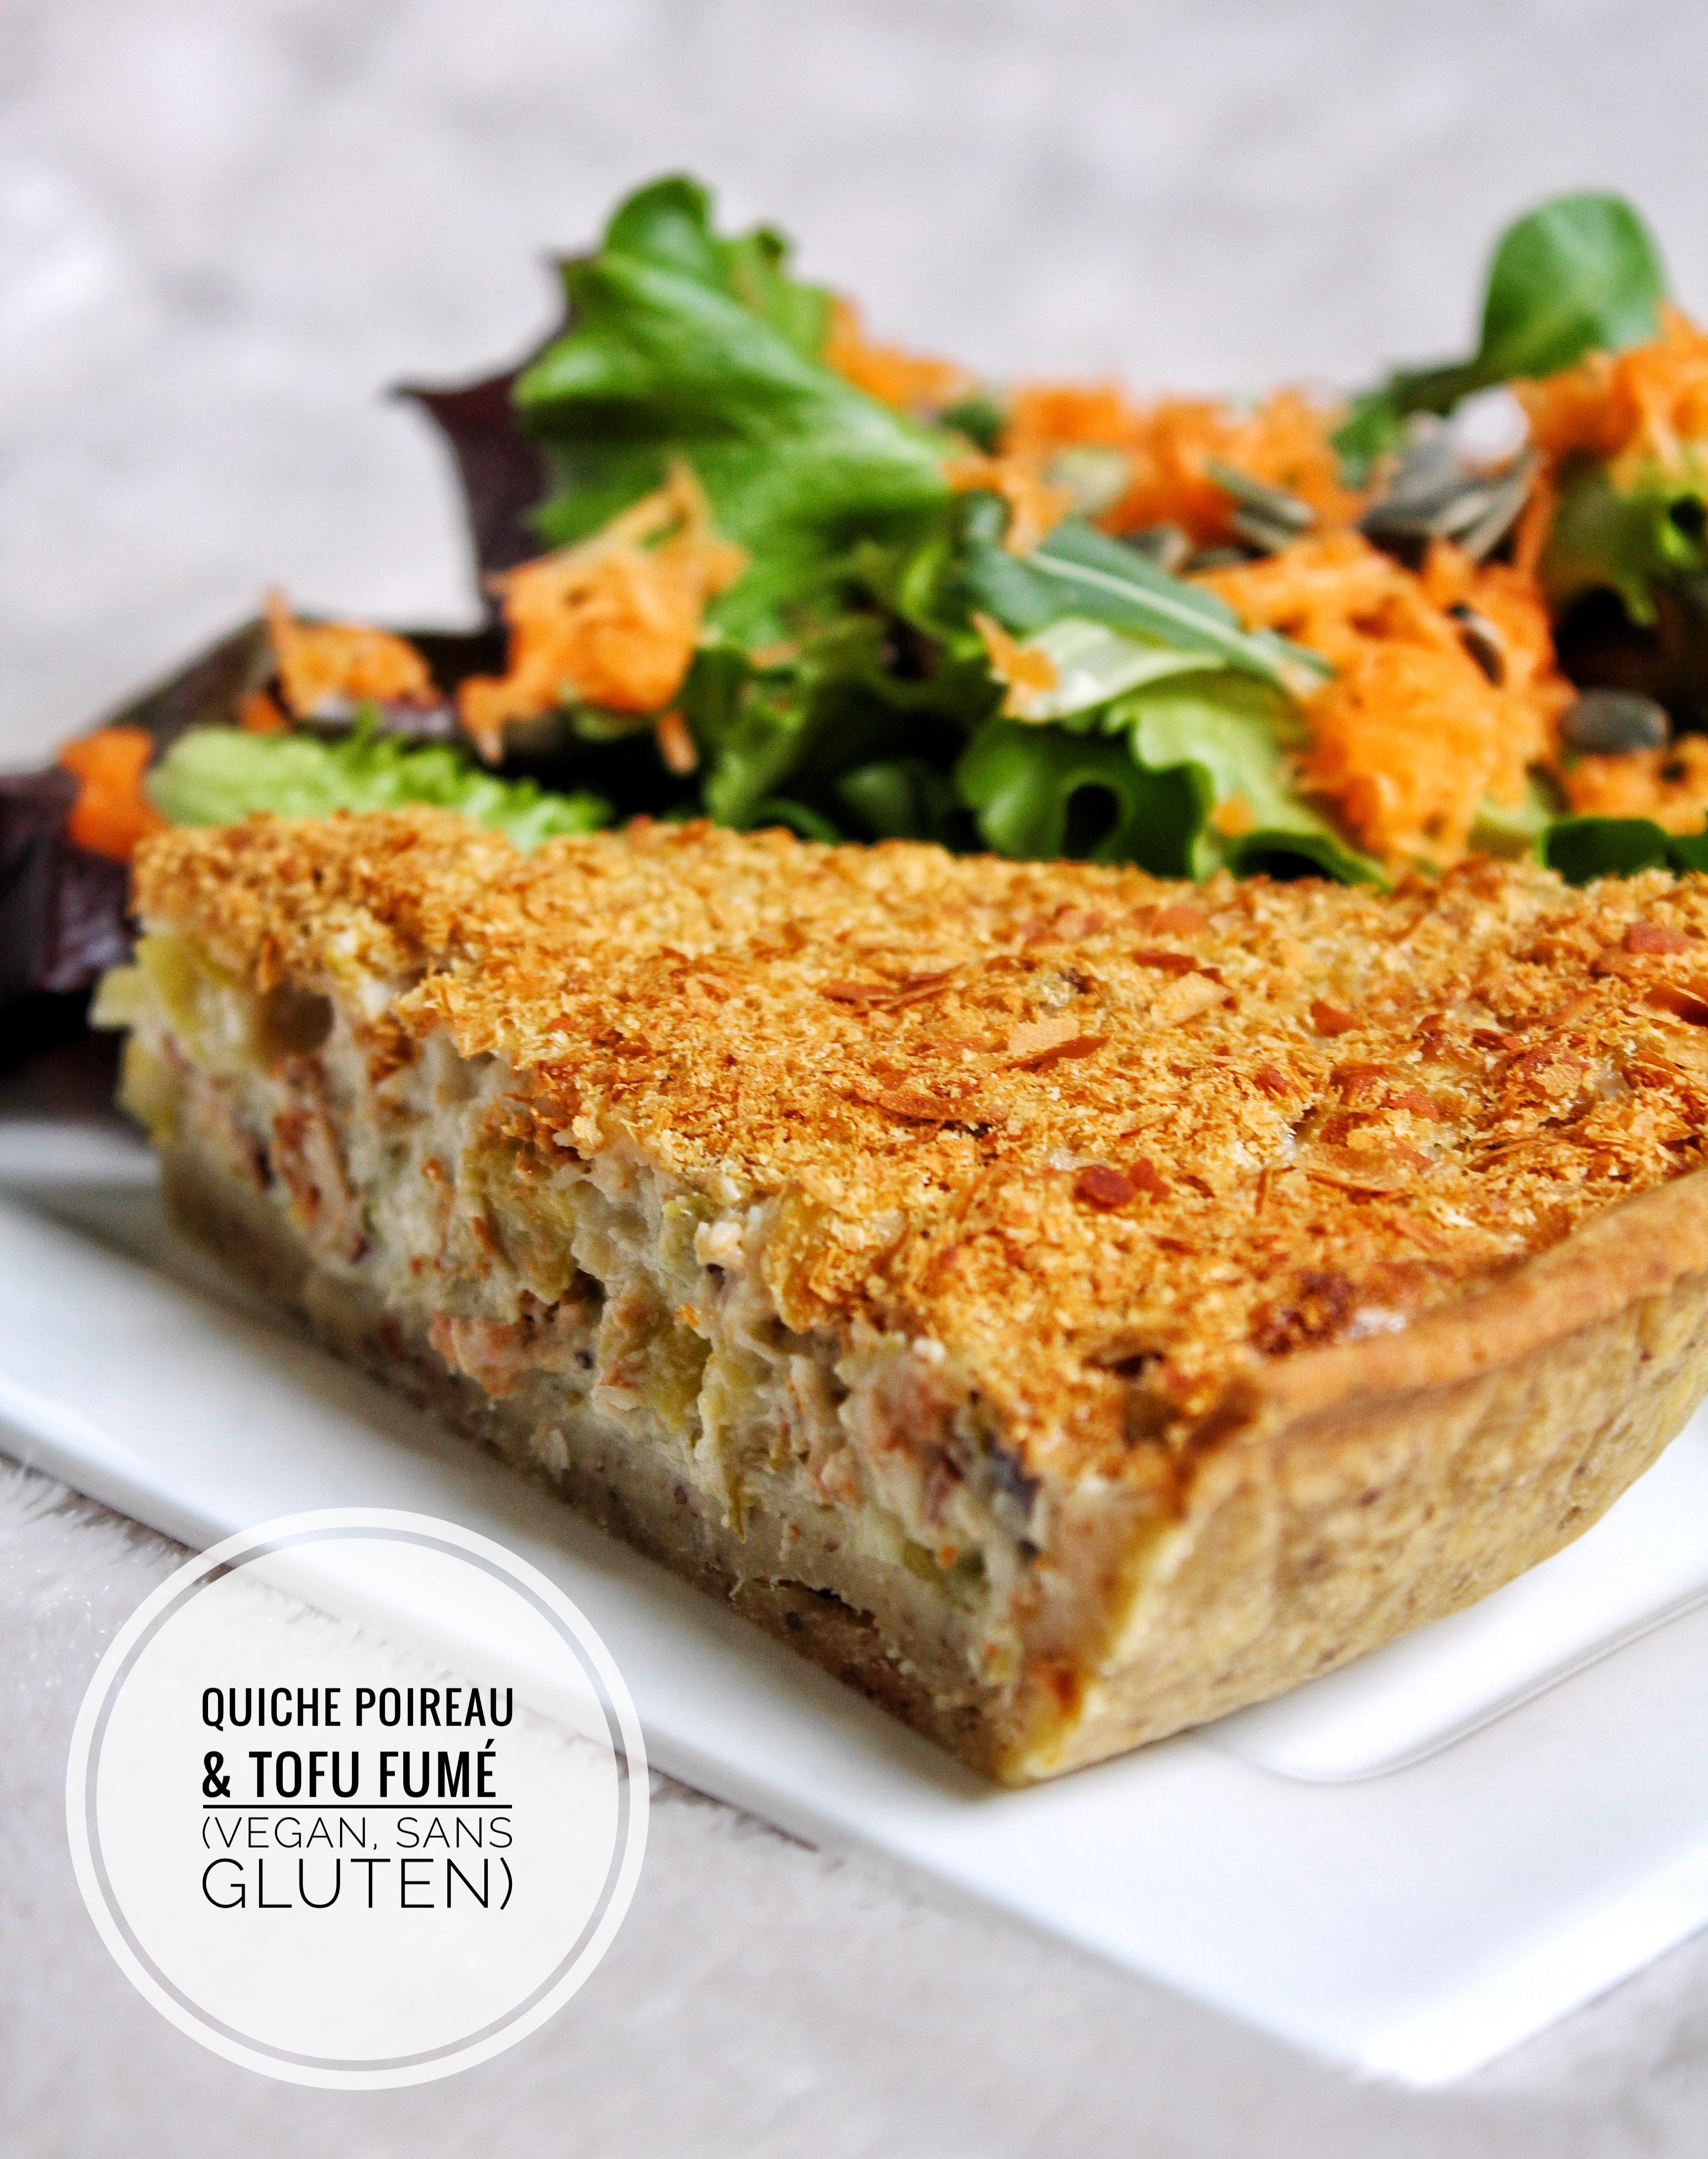 Quiche lorraine poireau tofu fumé vegan végétarien sans gluten sans lactose sans oeufs